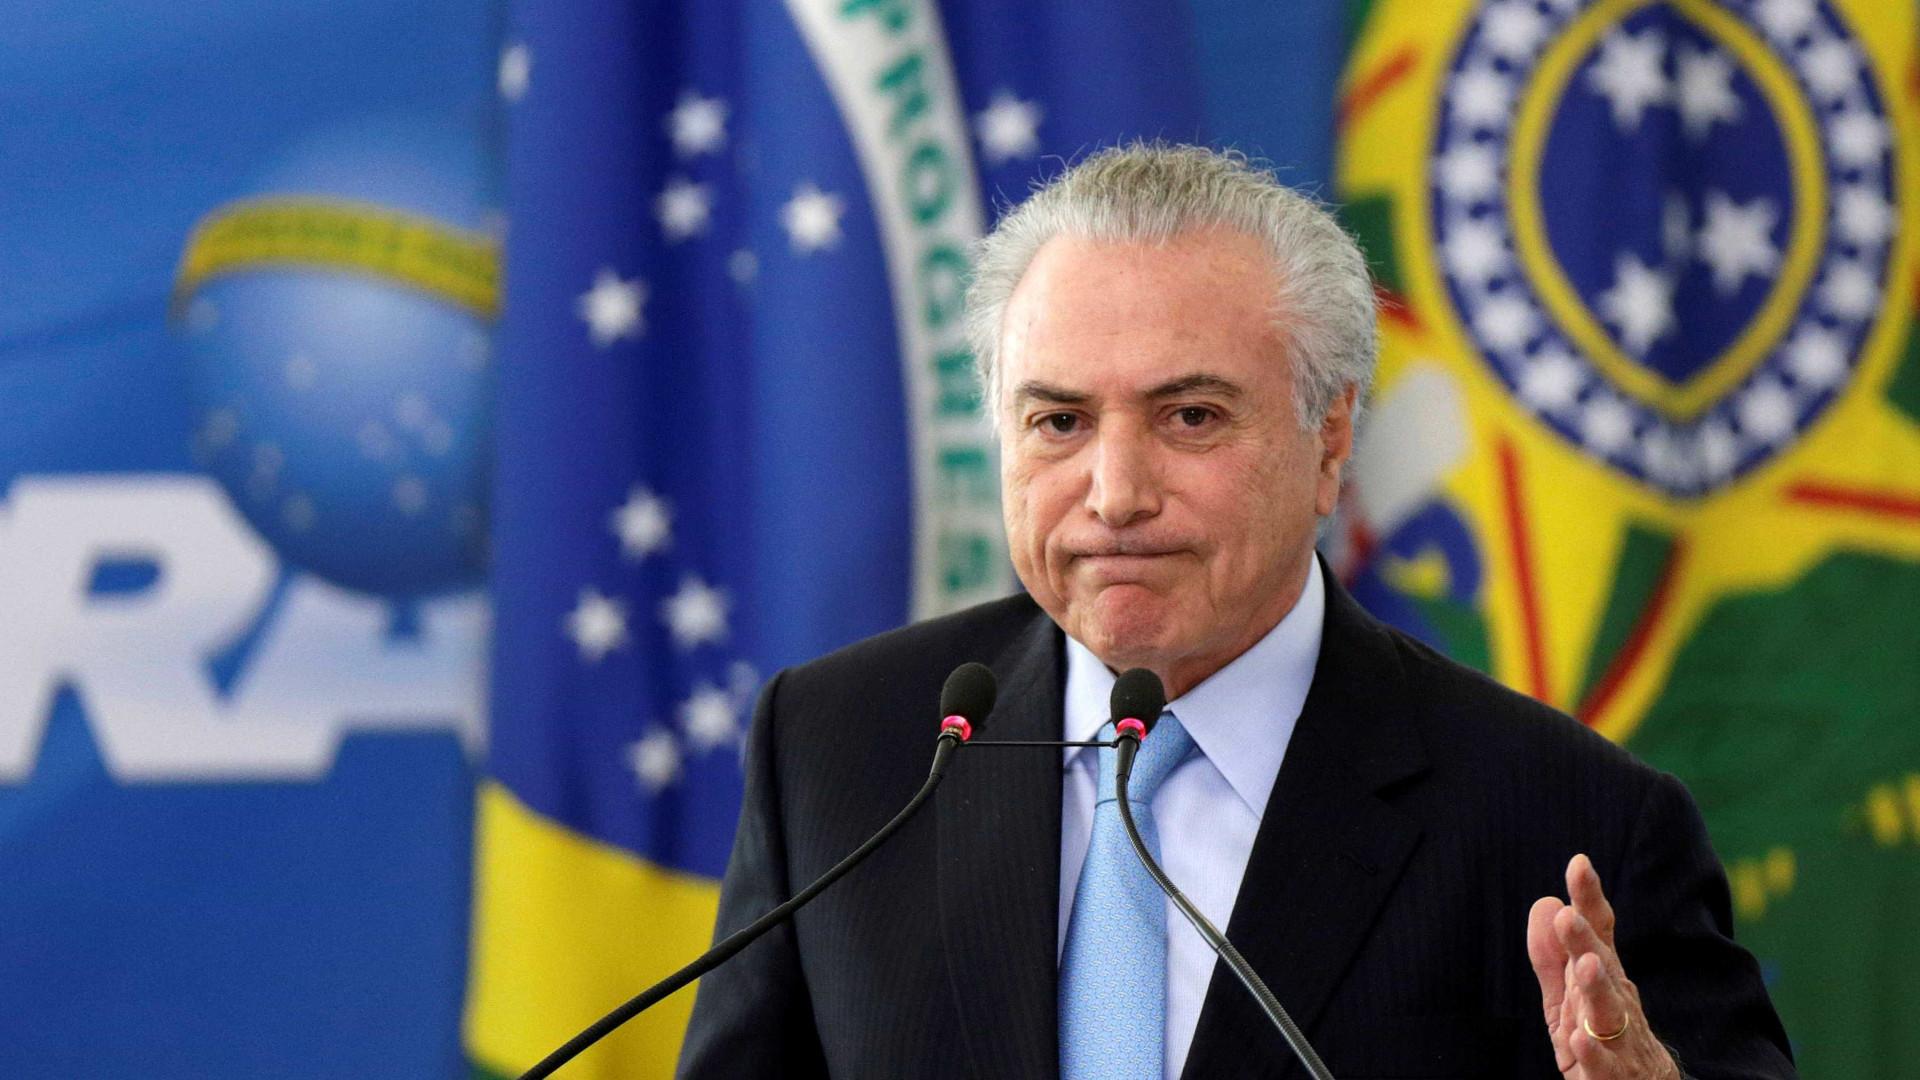 Acordo do Refis foi fechado em reunião com Temer, diz relator